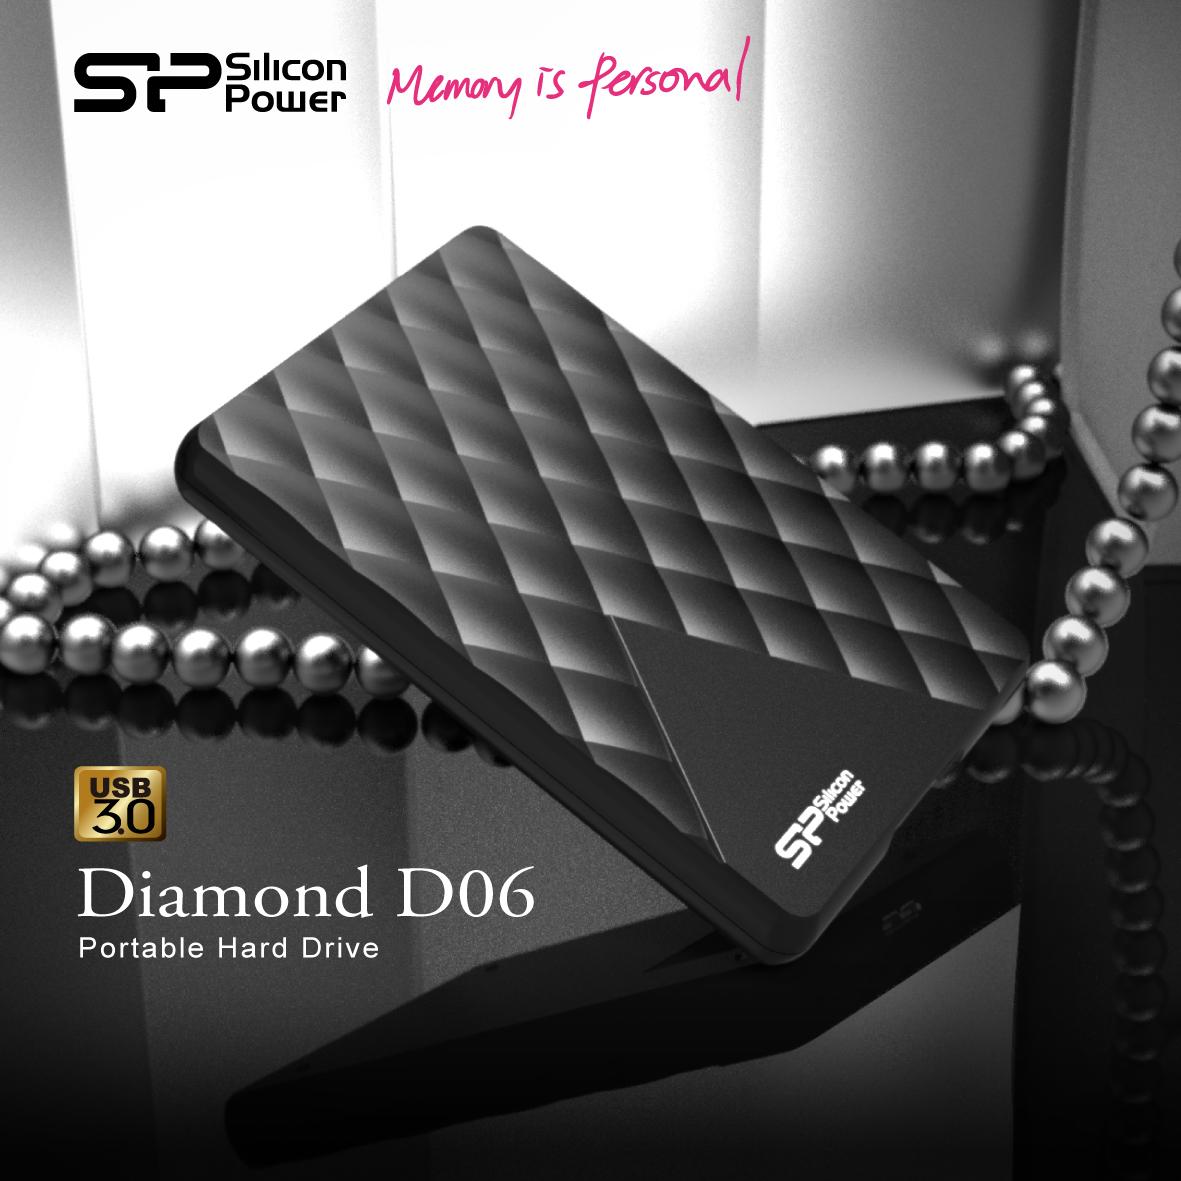 Silicon Power lanza el Diamond D06, un nuevo y rediseñado disco duro externo USB 3.0 - SPPR_Diamond-D06-Portable-Hard-Drive_KV